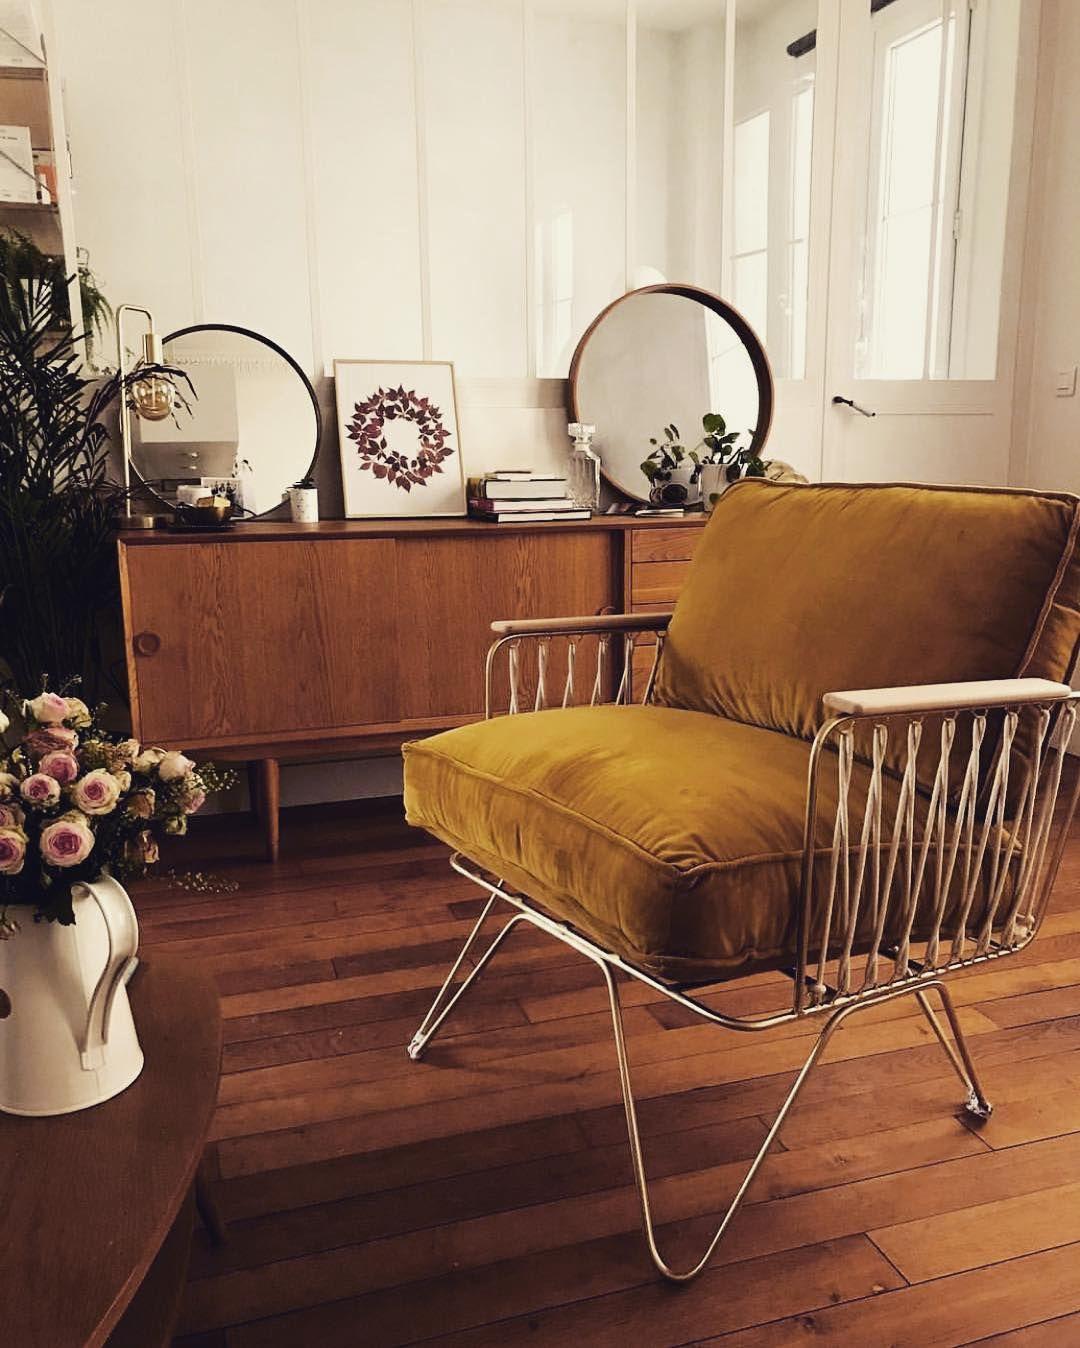 Honore Decoration Honoredeco Photos Et Videos Instagram Deco Salon Idees De Meubles Idee Salon